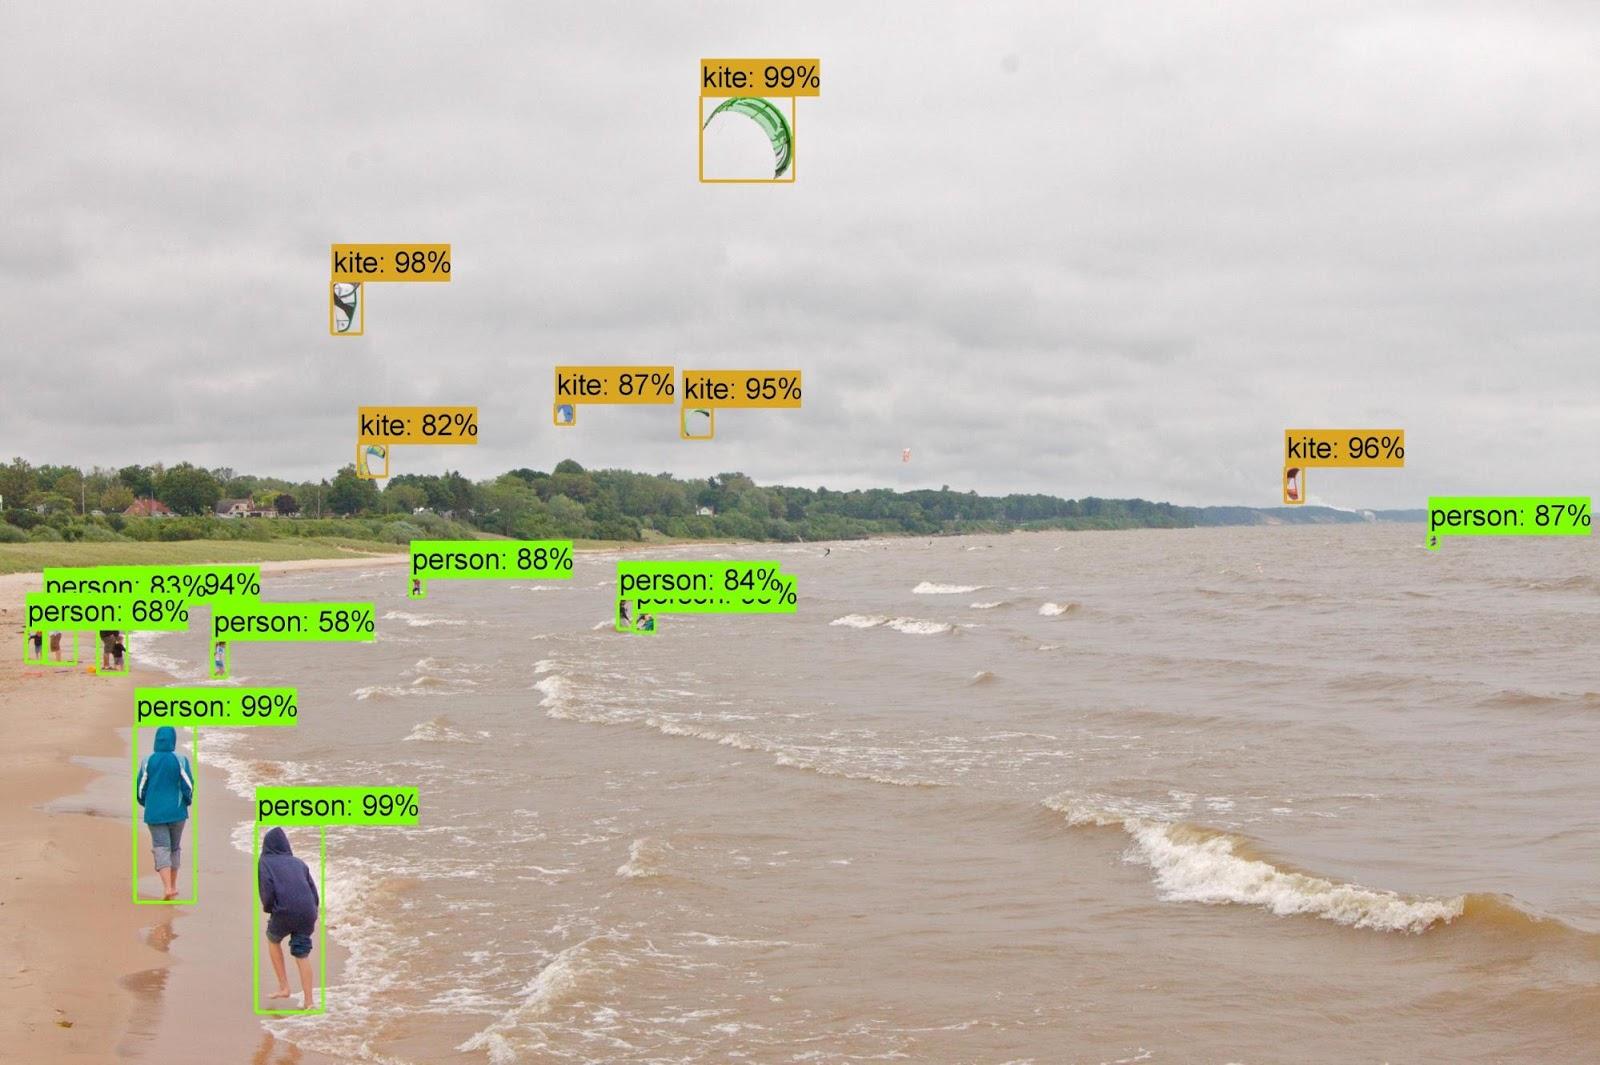 ИИ от Google обучил дочерний ИИ, который превосходит все ИИ, созданные человеком - 1